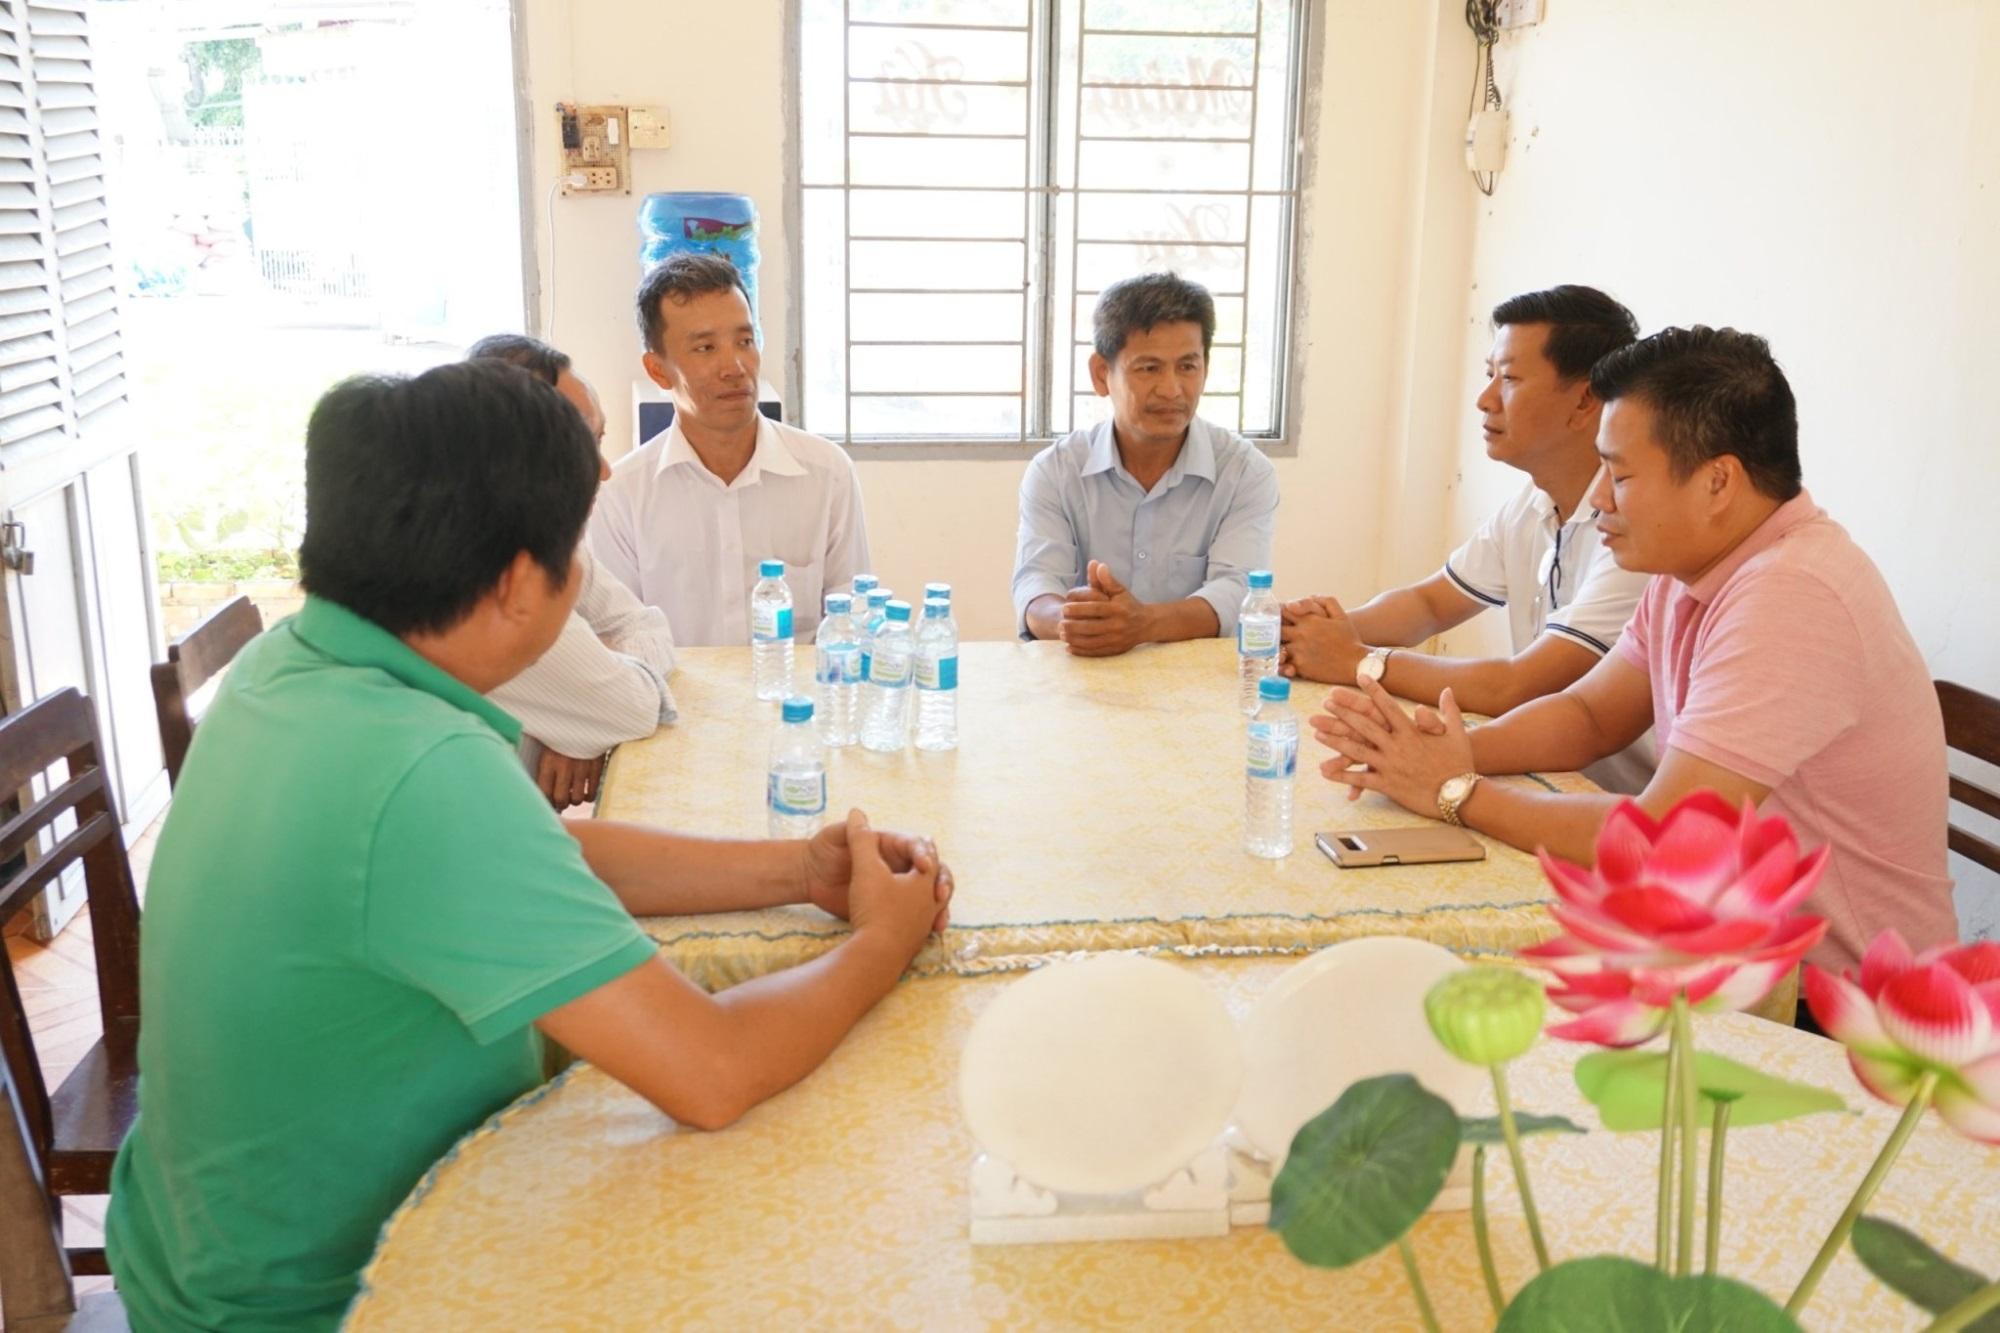 Chuỗi chương trình từ thiện 3 ngày của Hội đá ốp lát Sài Gòn kỷ niệm 10 năm thành lập - Ảnh 3